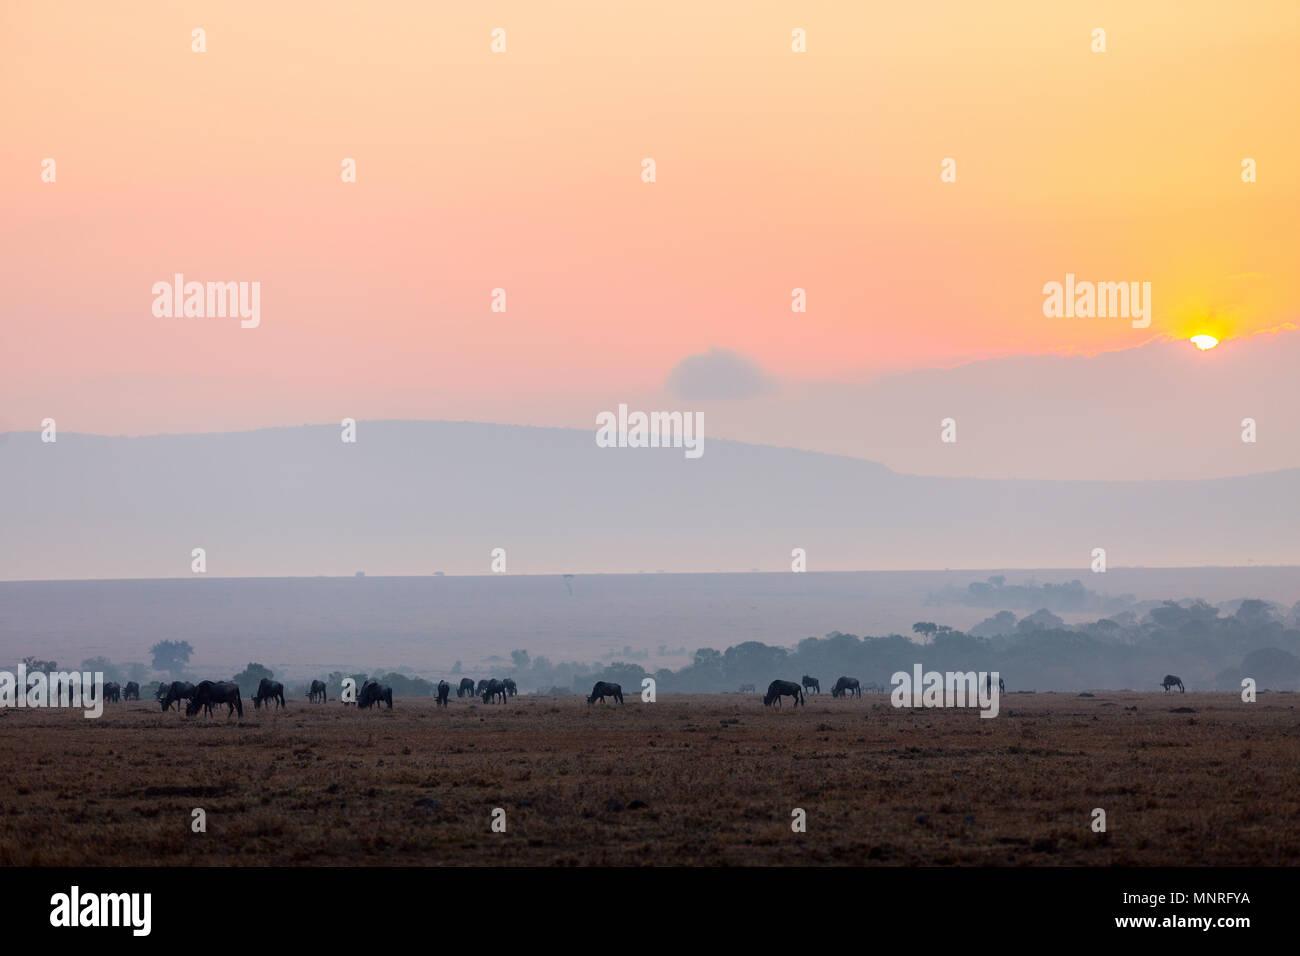 Los ñus muy temprano en la mañana en Masai Mara, Kenya Foto de stock